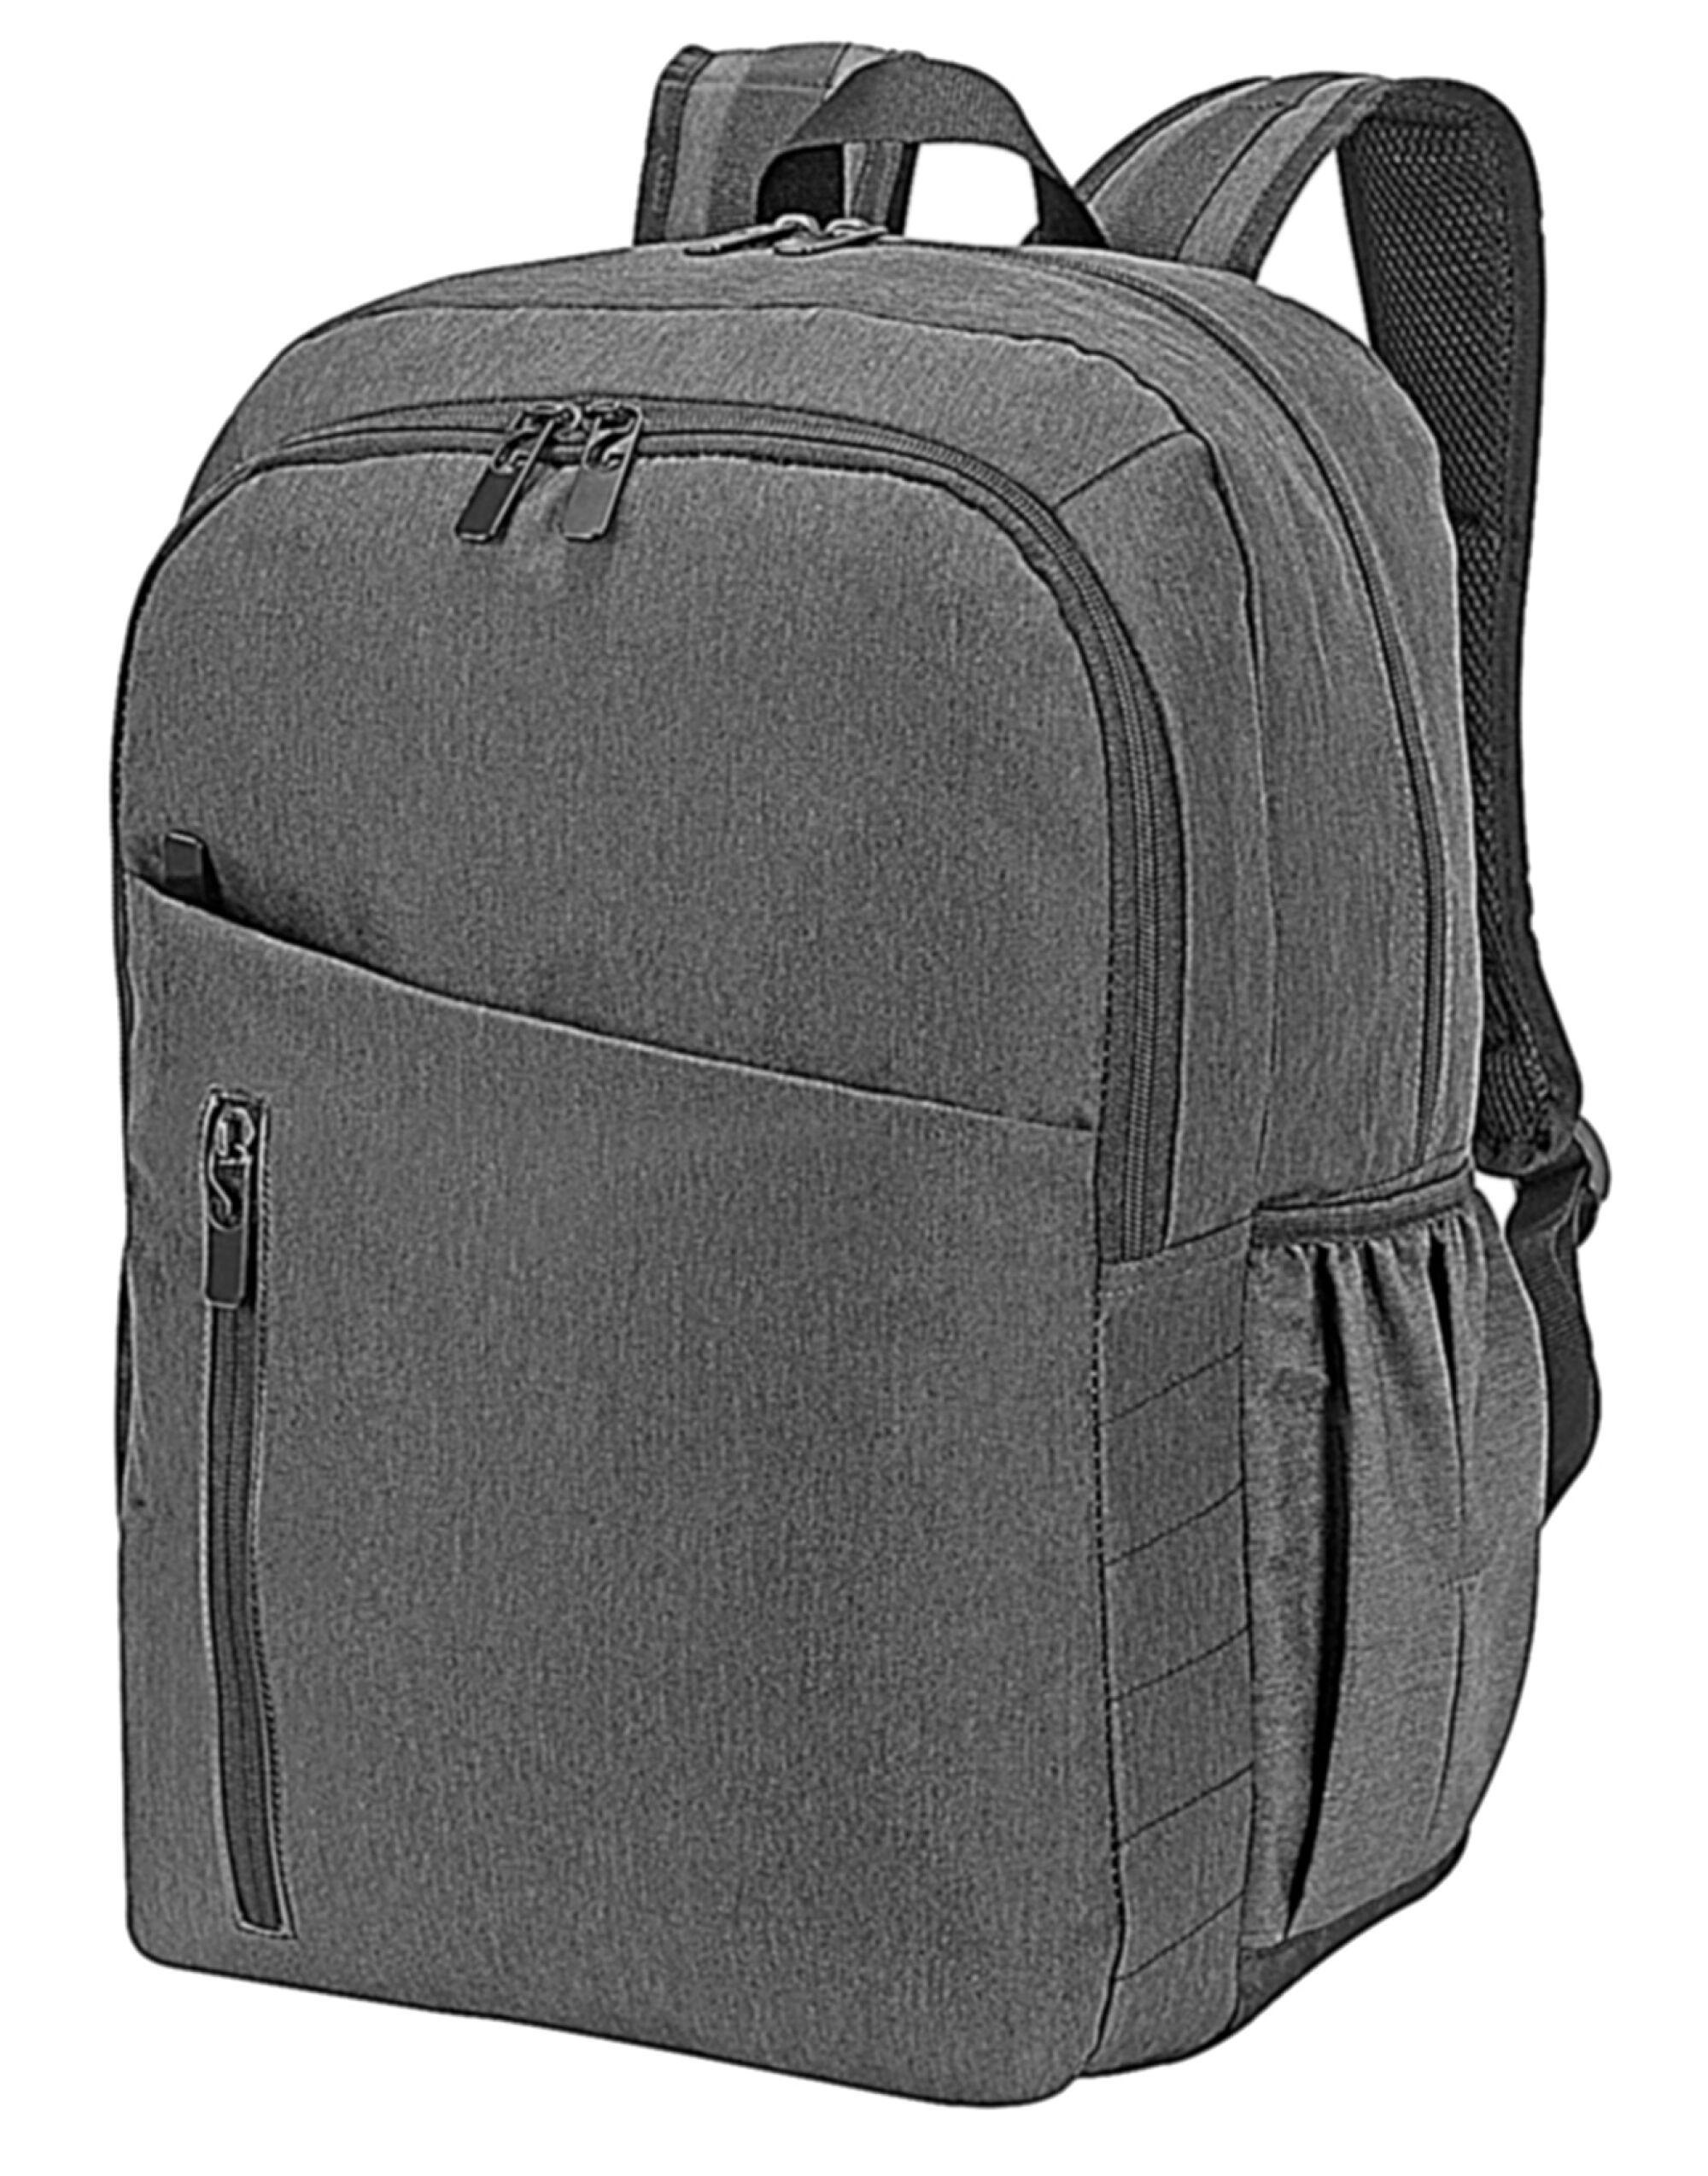 Birmingham Backpack